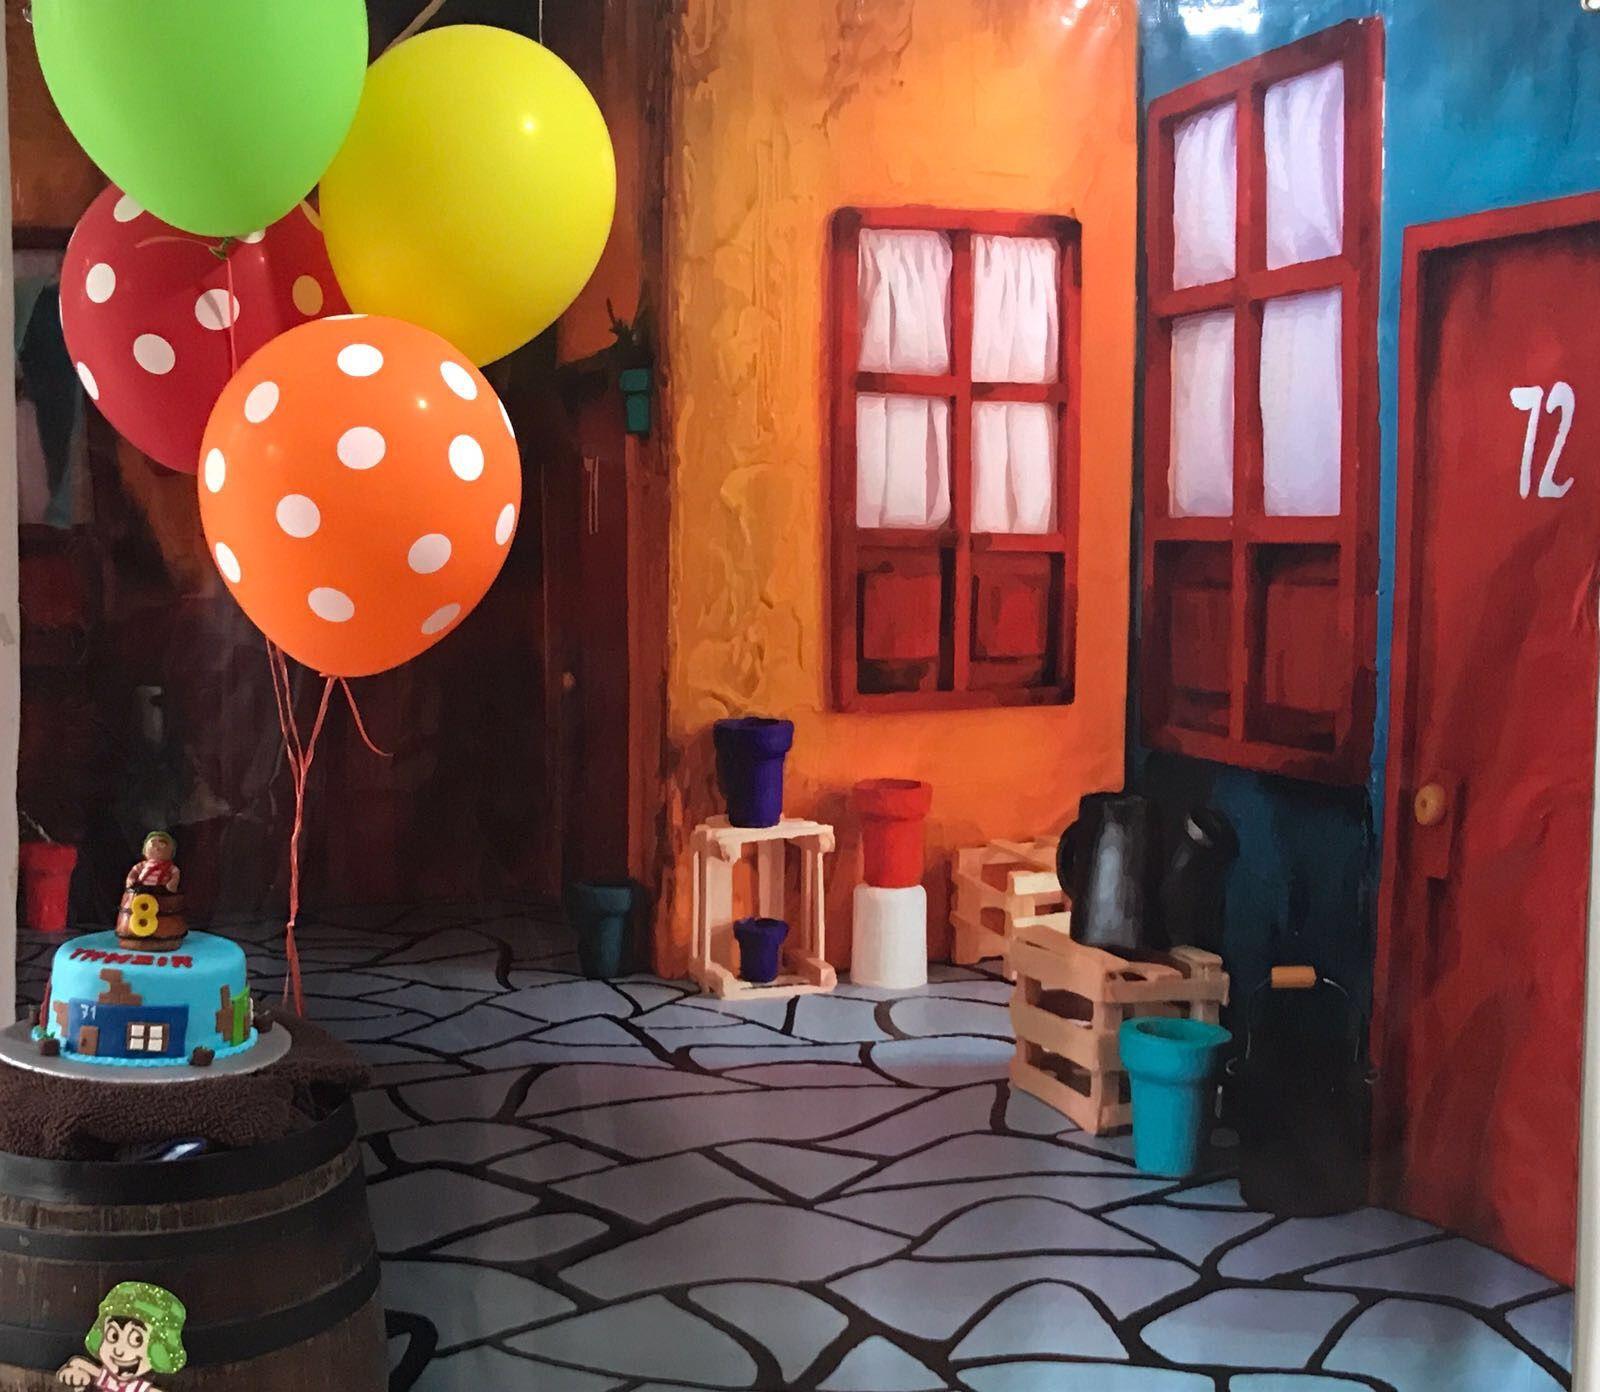 Vecindad Del Chavo Fondo Fiestas Tematicas Para Ninos Vecindad Del Chavo Chavo Del 8 Animado